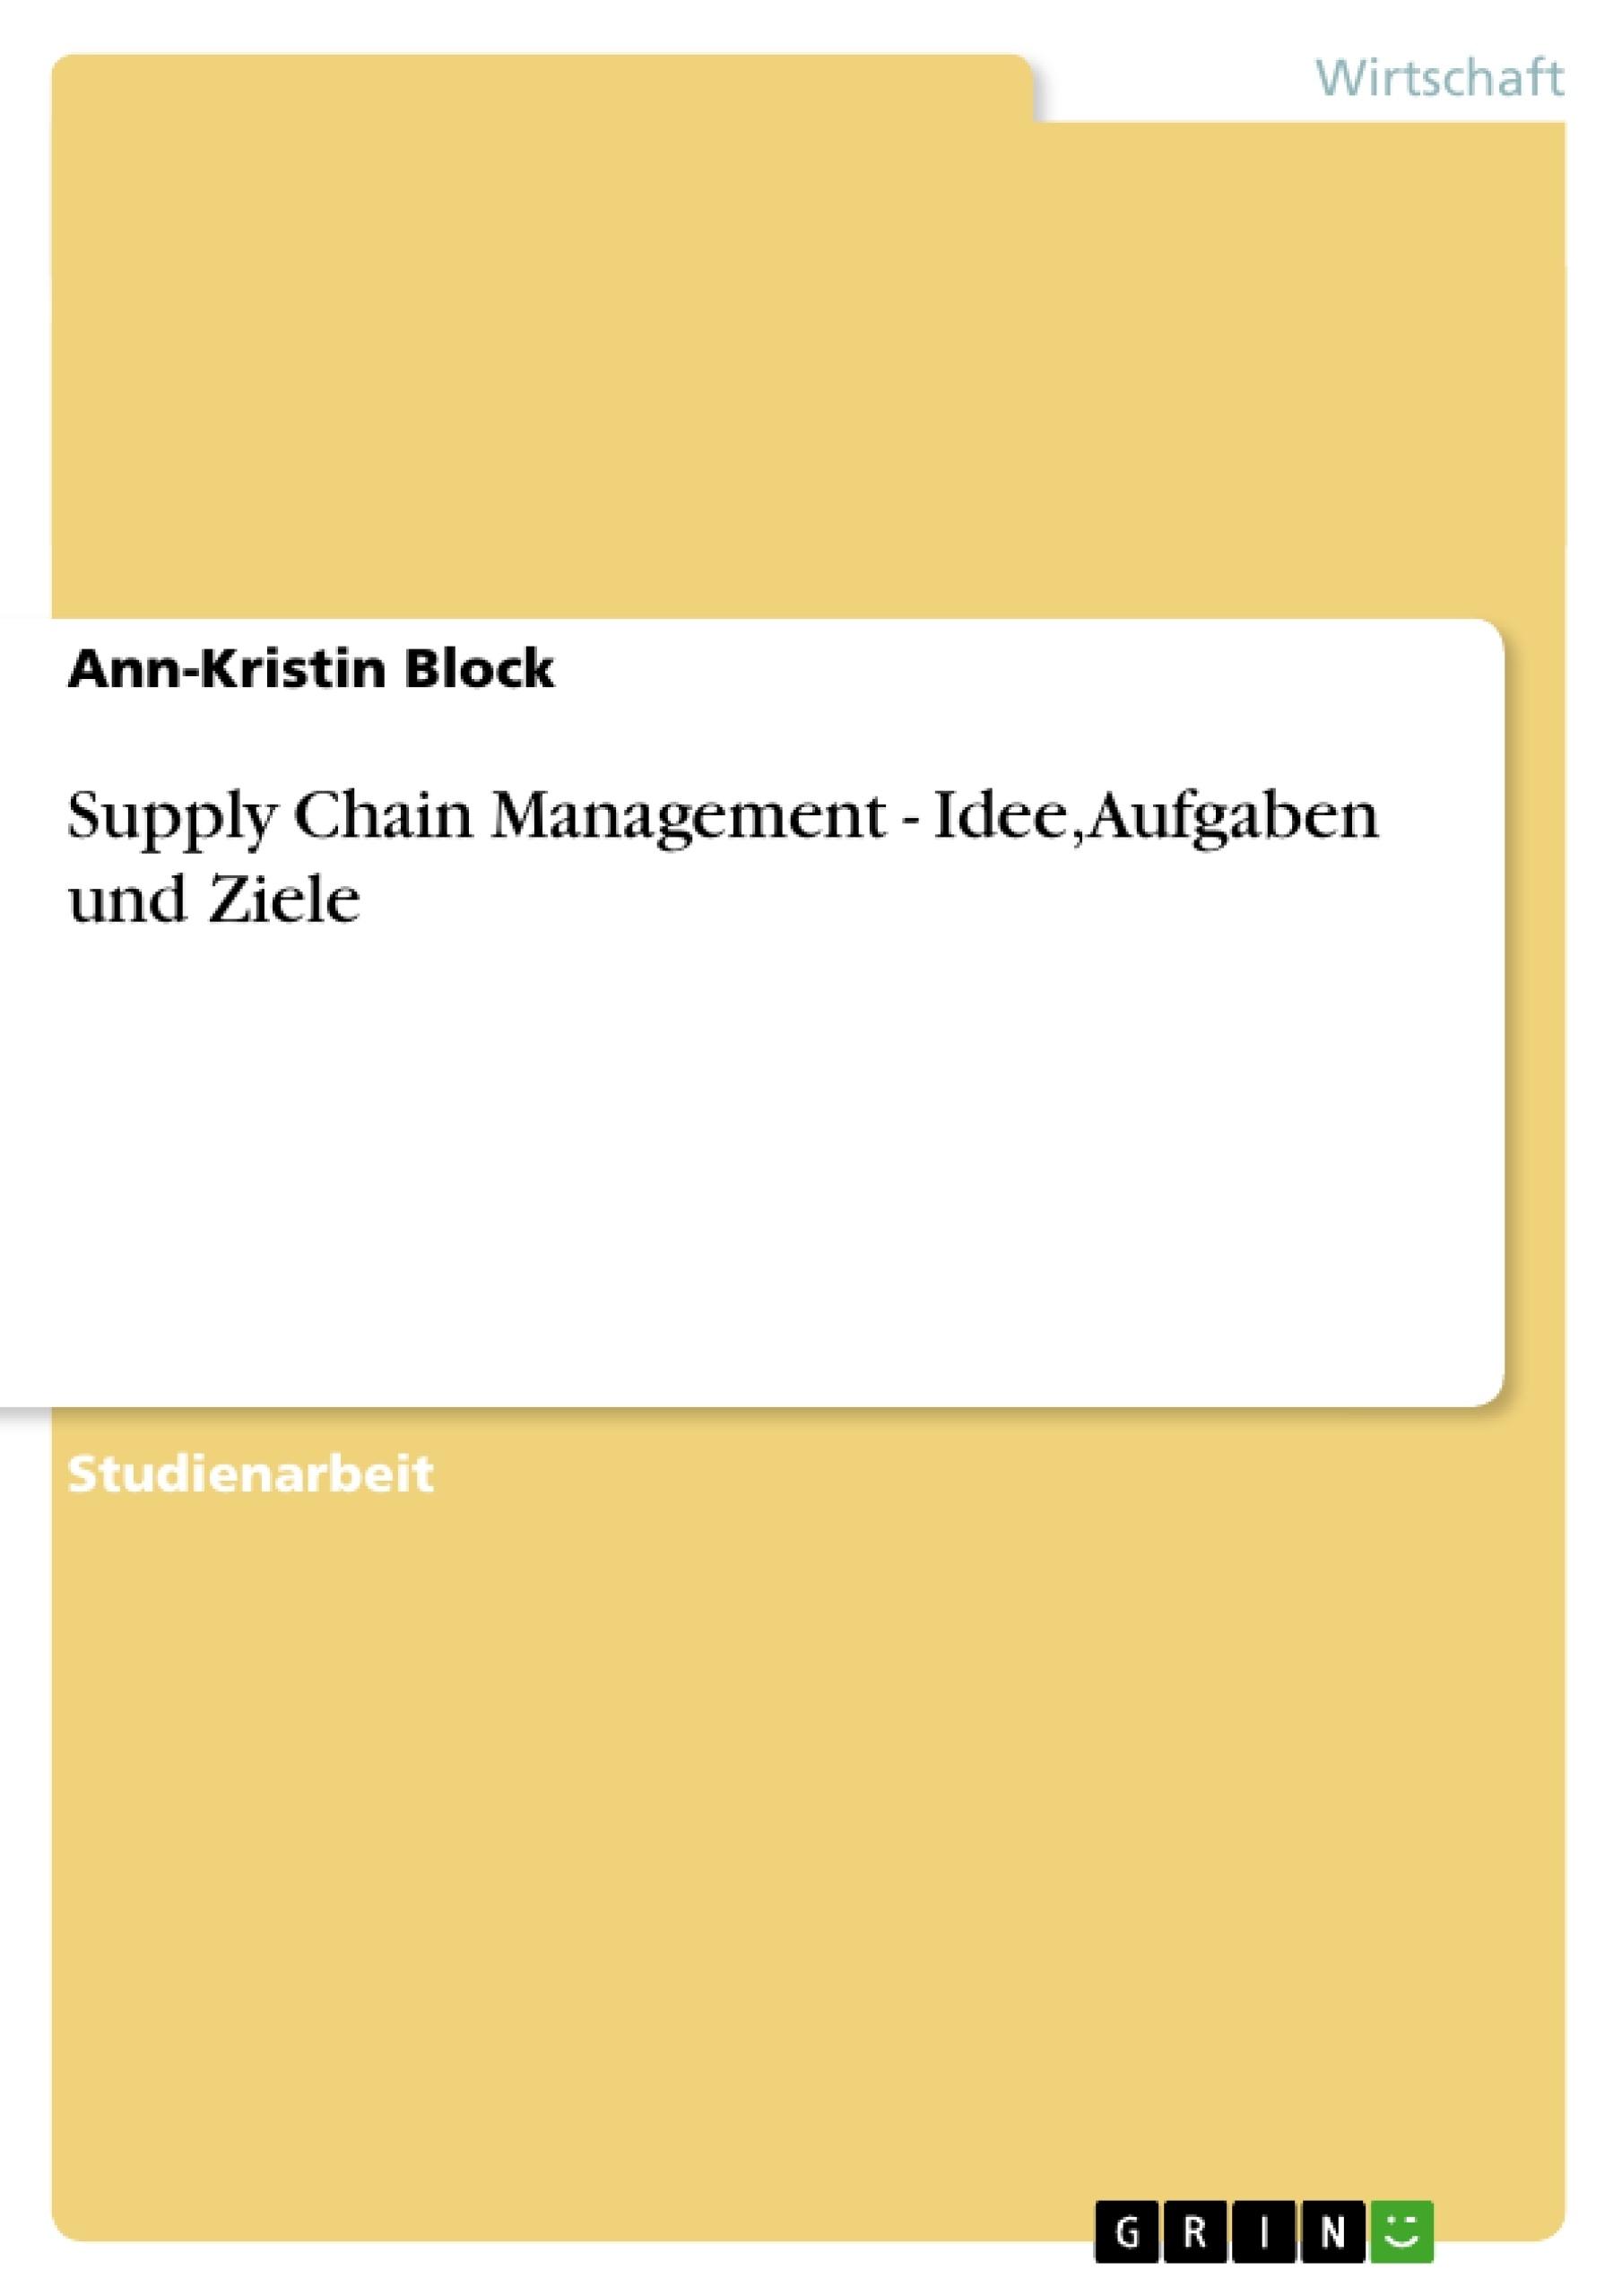 Titel: Supply Chain Management - Idee, Aufgaben und Ziele